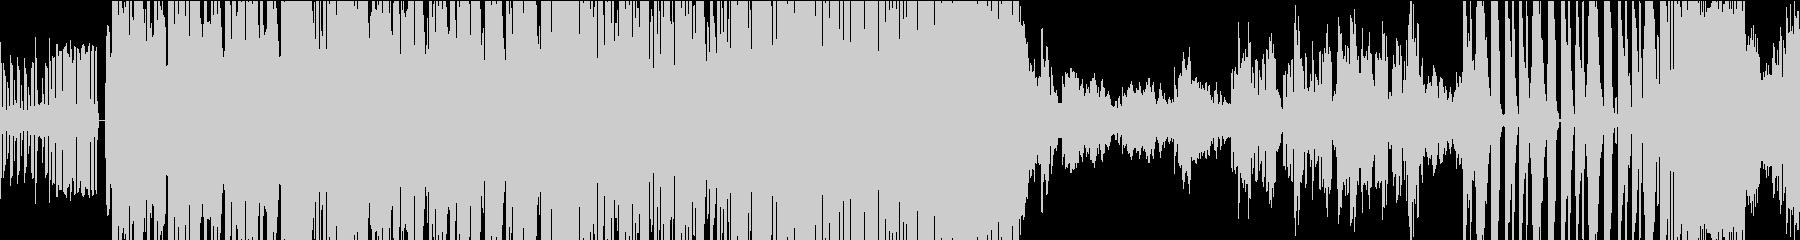 エレクトロの軽快なループ音楽の未再生の波形